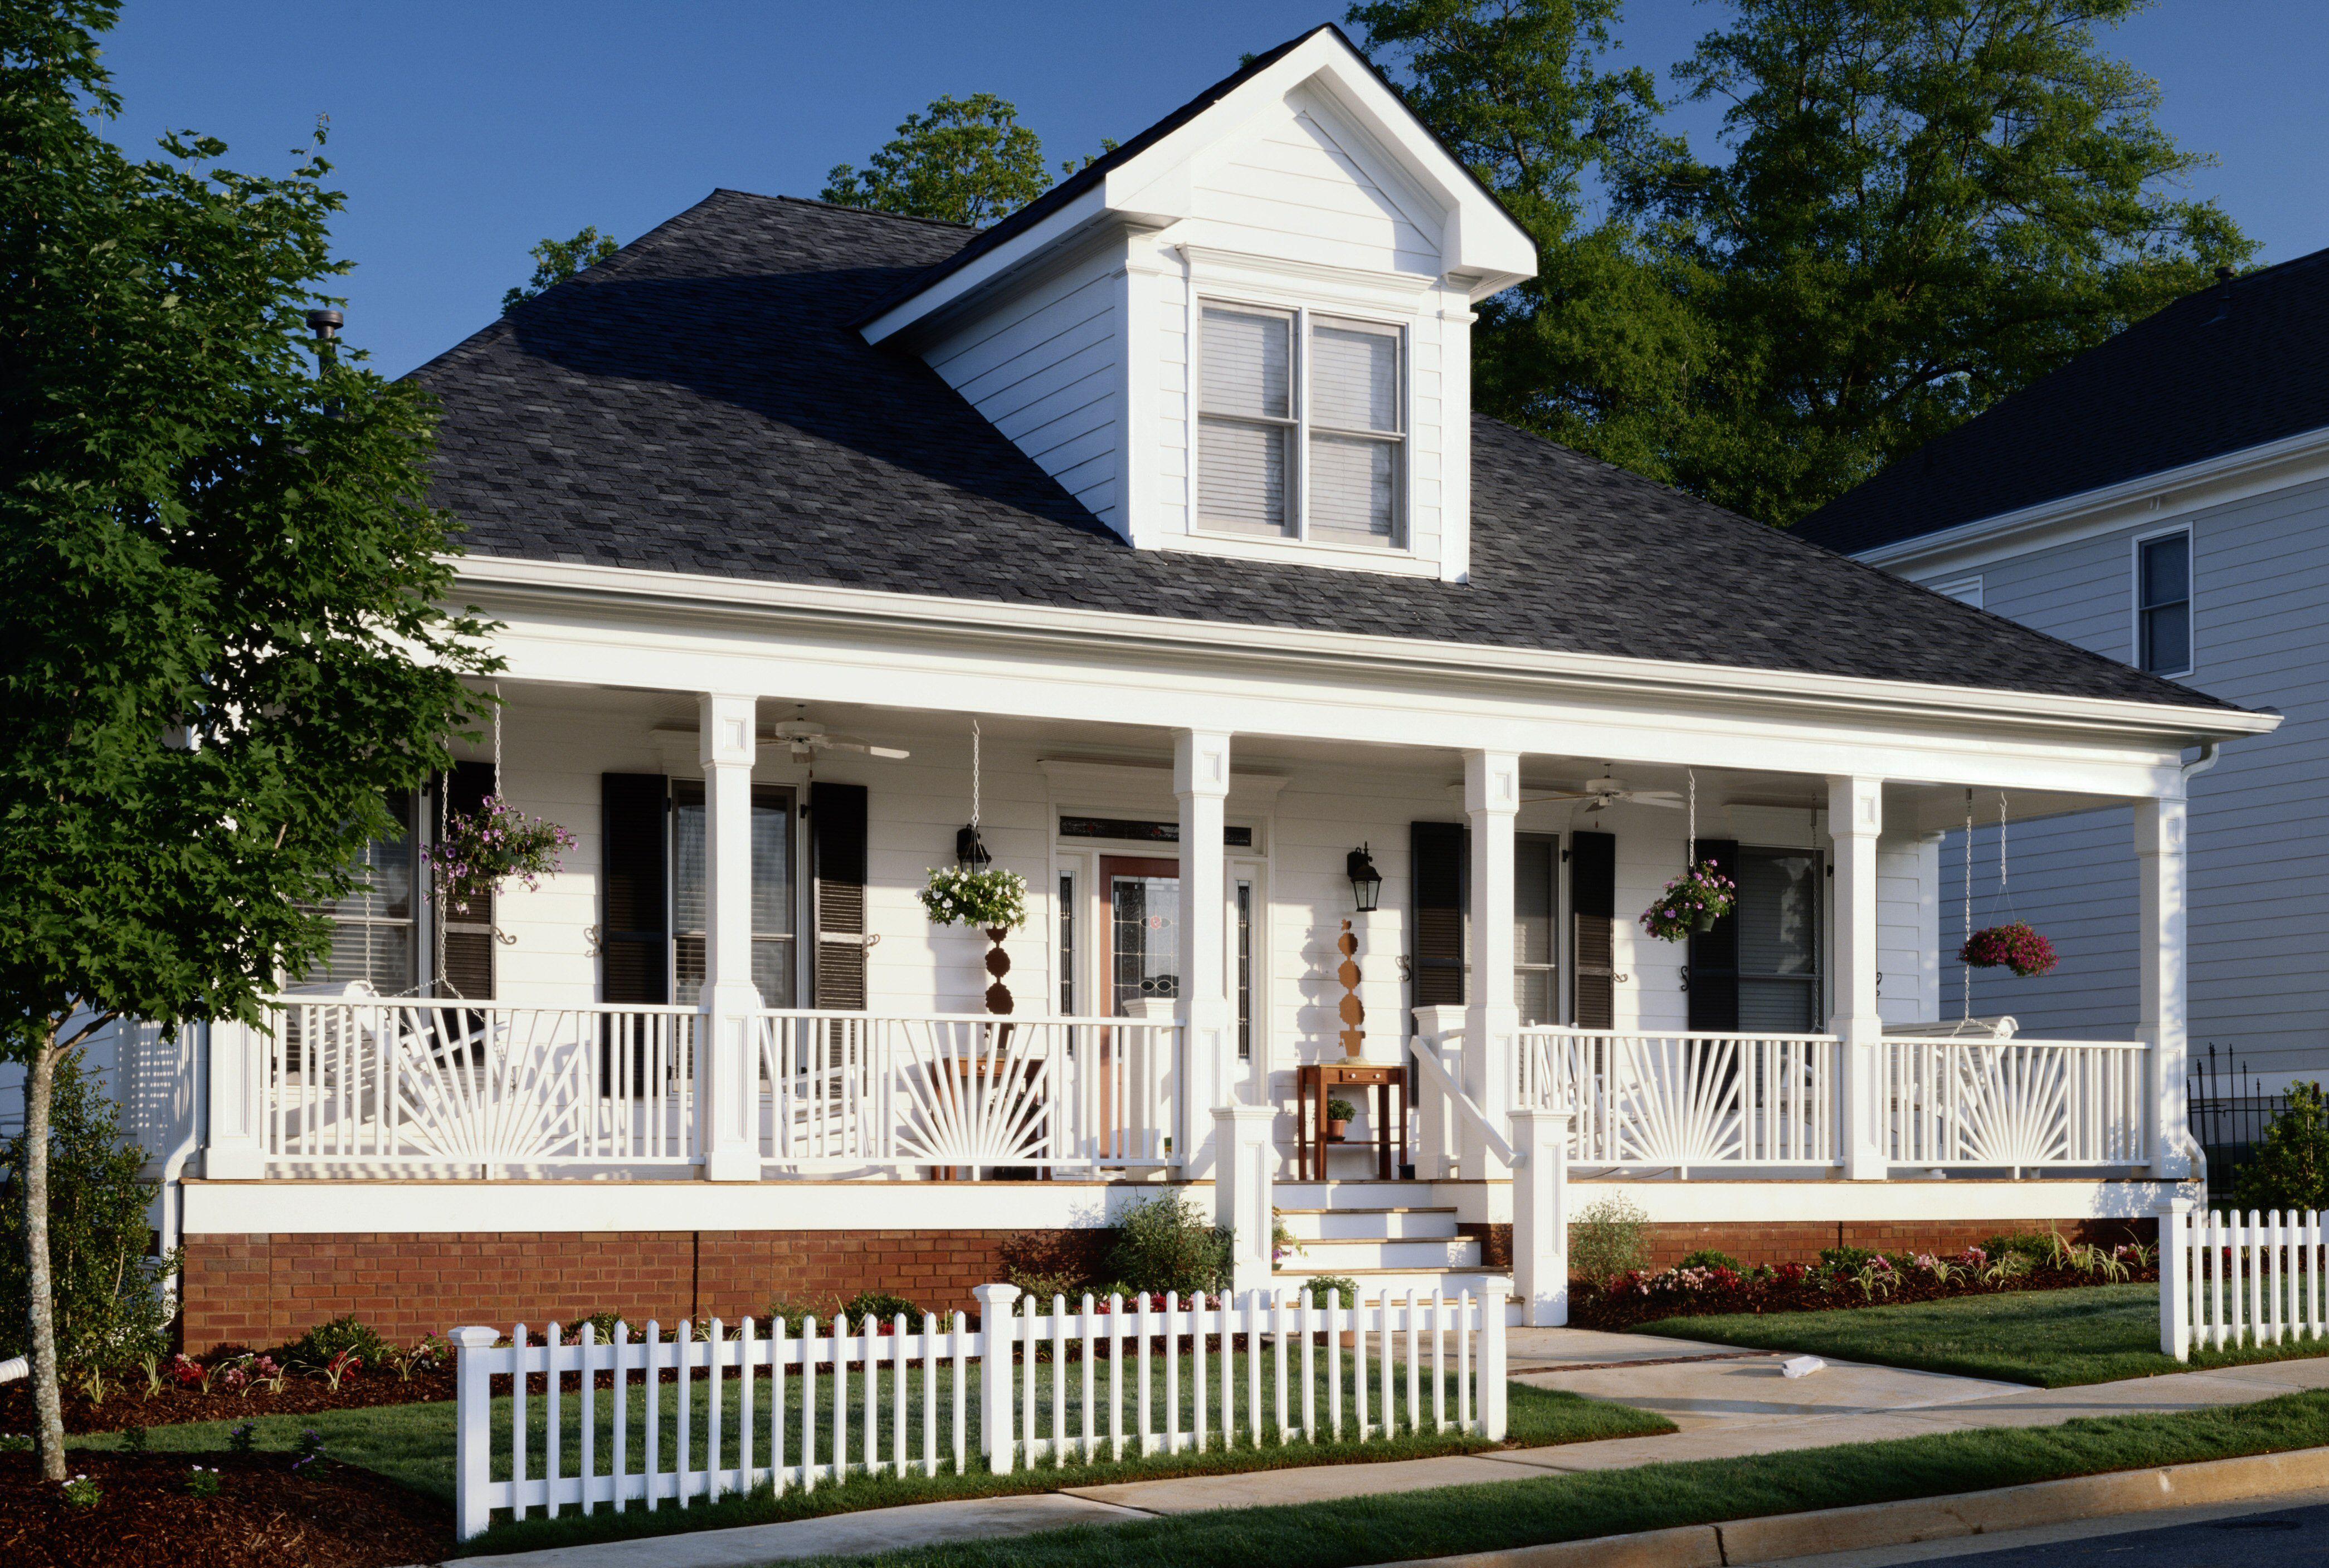 One story house near street full width front porch gable dormer